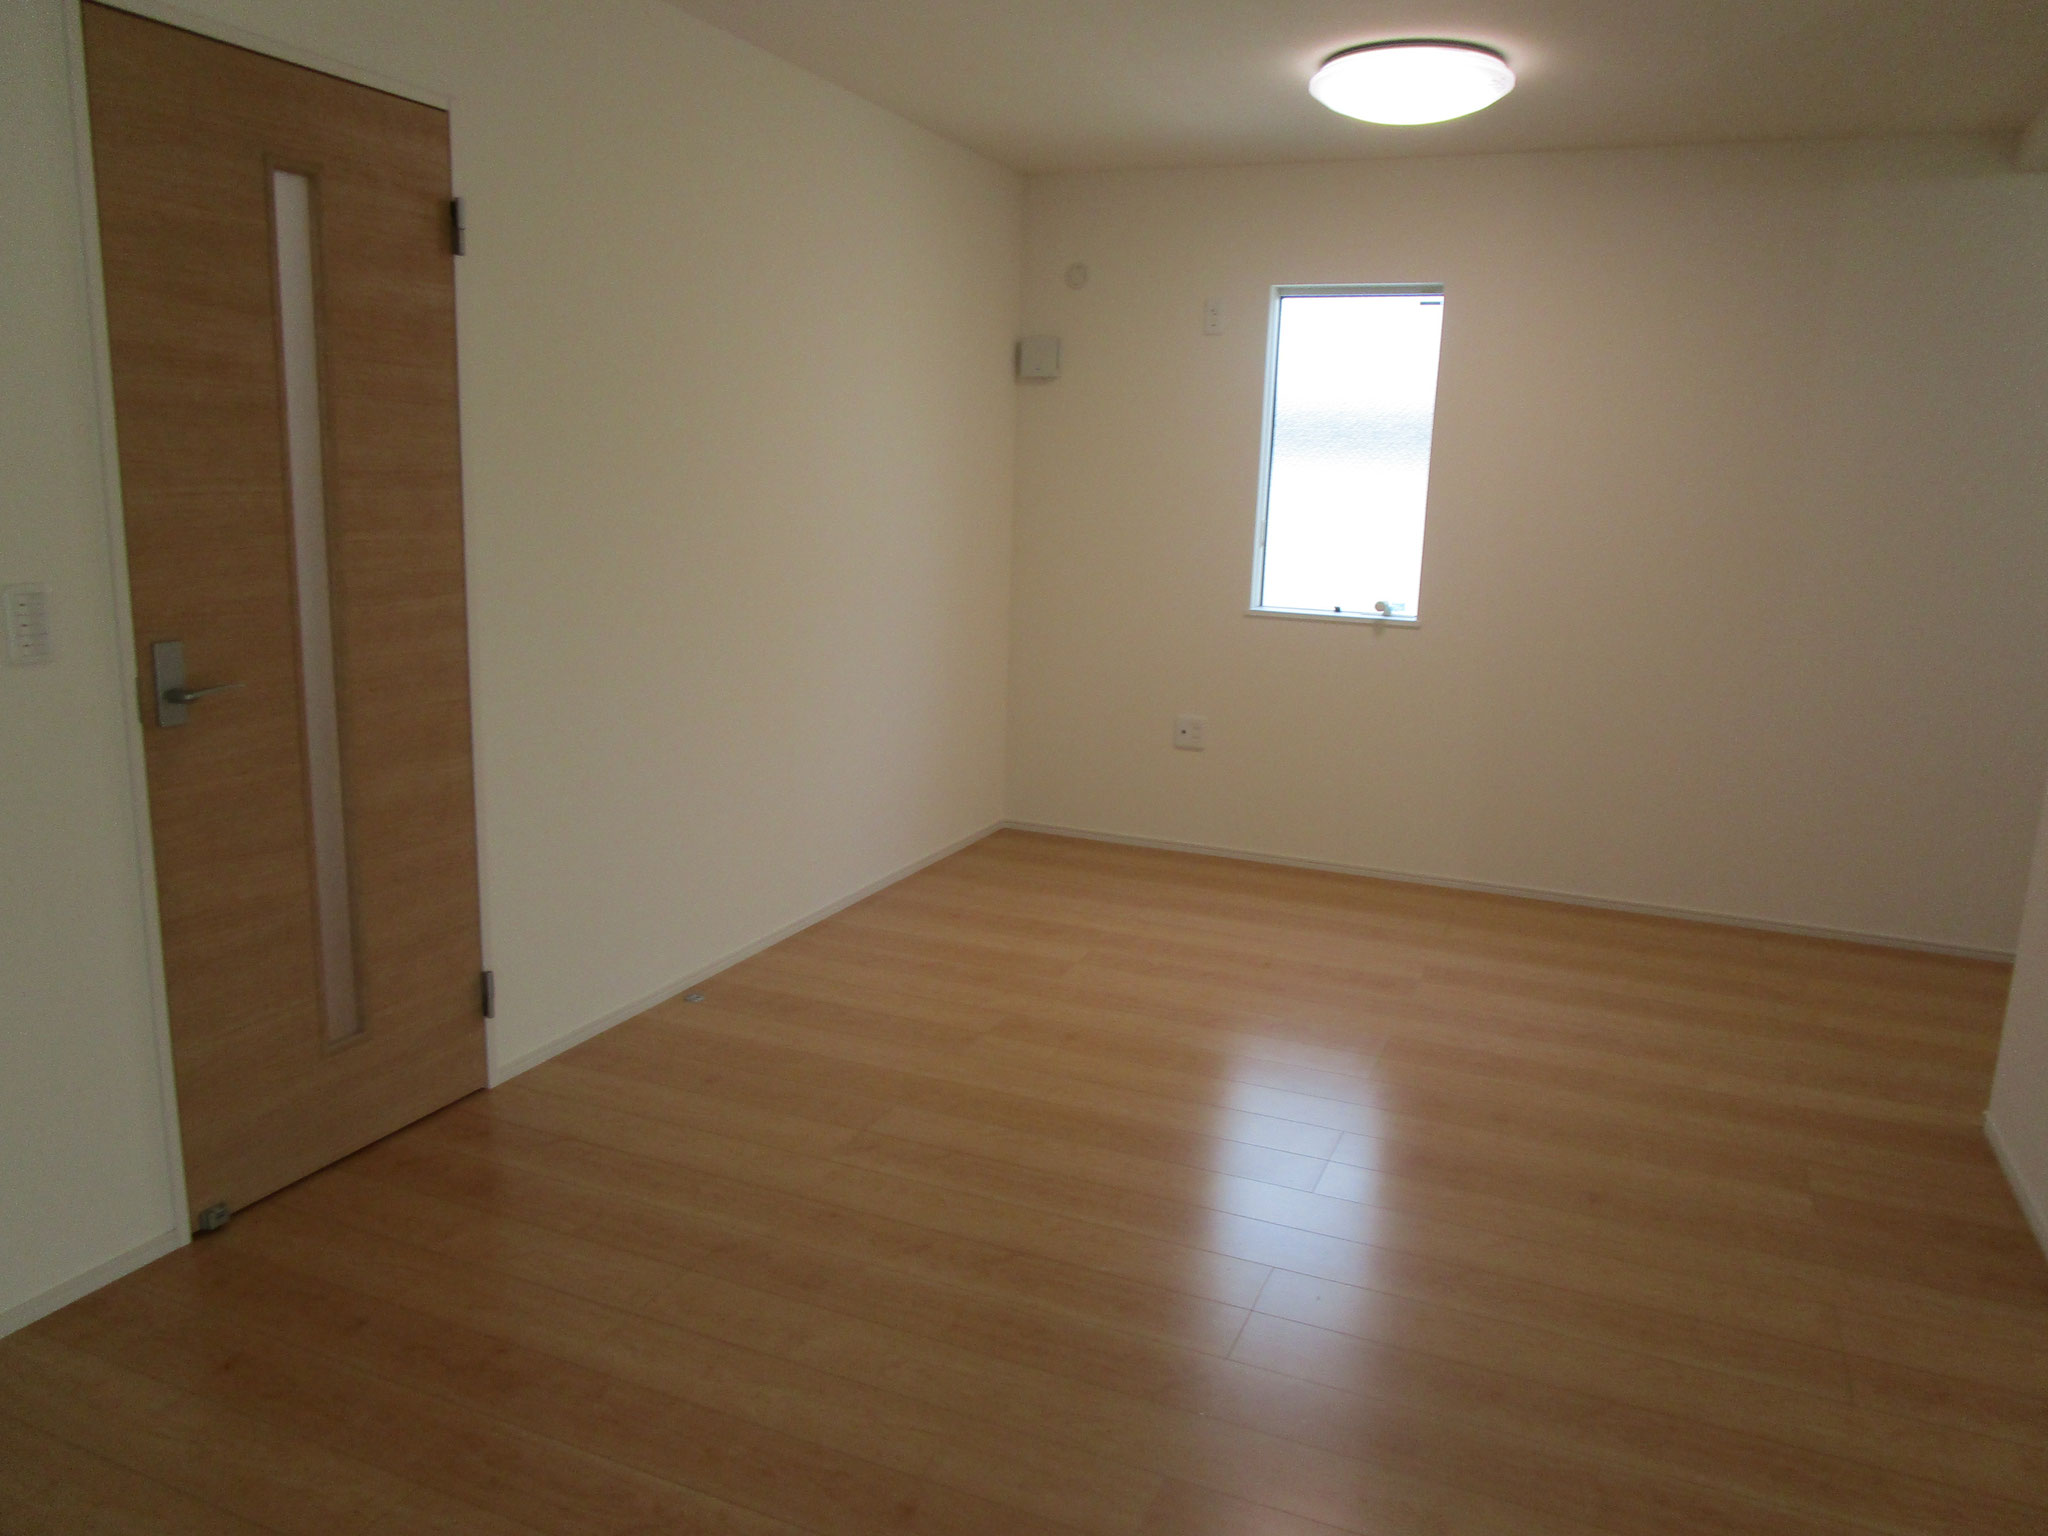 ホールの右側はLDK